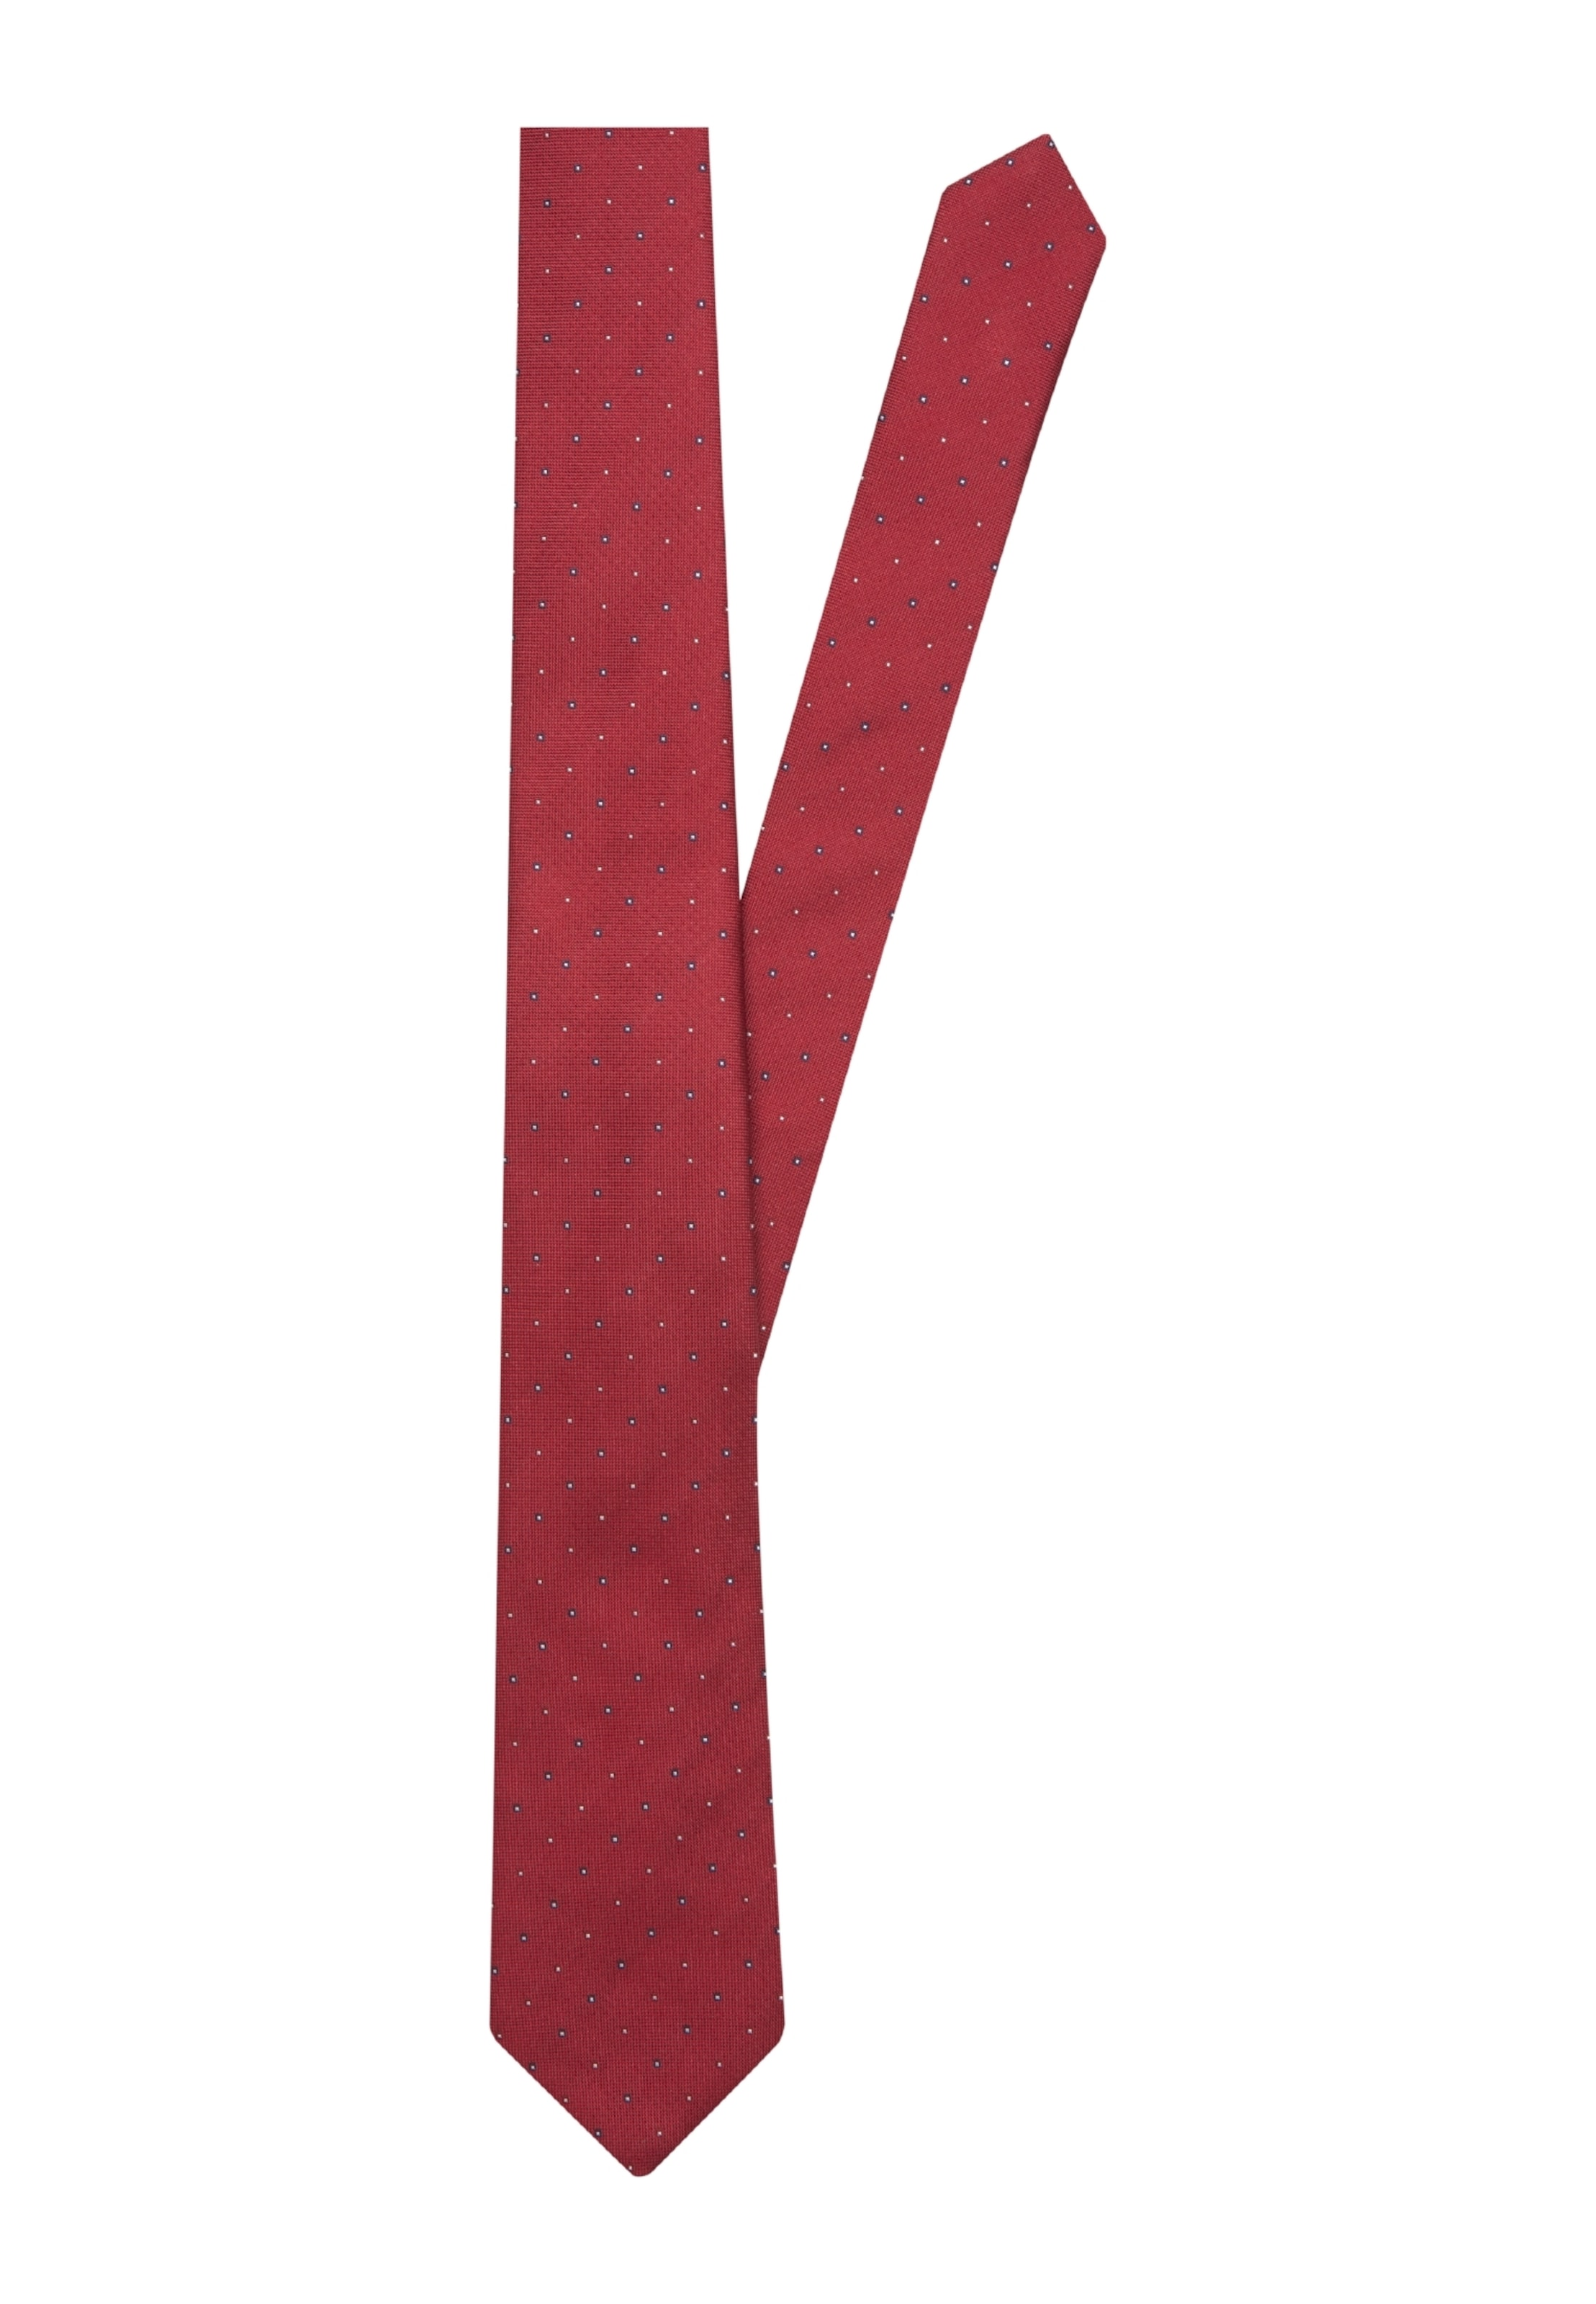 SEIDENSTICKER Krawatte 'Schwarze Rose' Geschäft Zum Verkauf Angebote Günstigen Preis Verkauf Wiki dTNCJmc